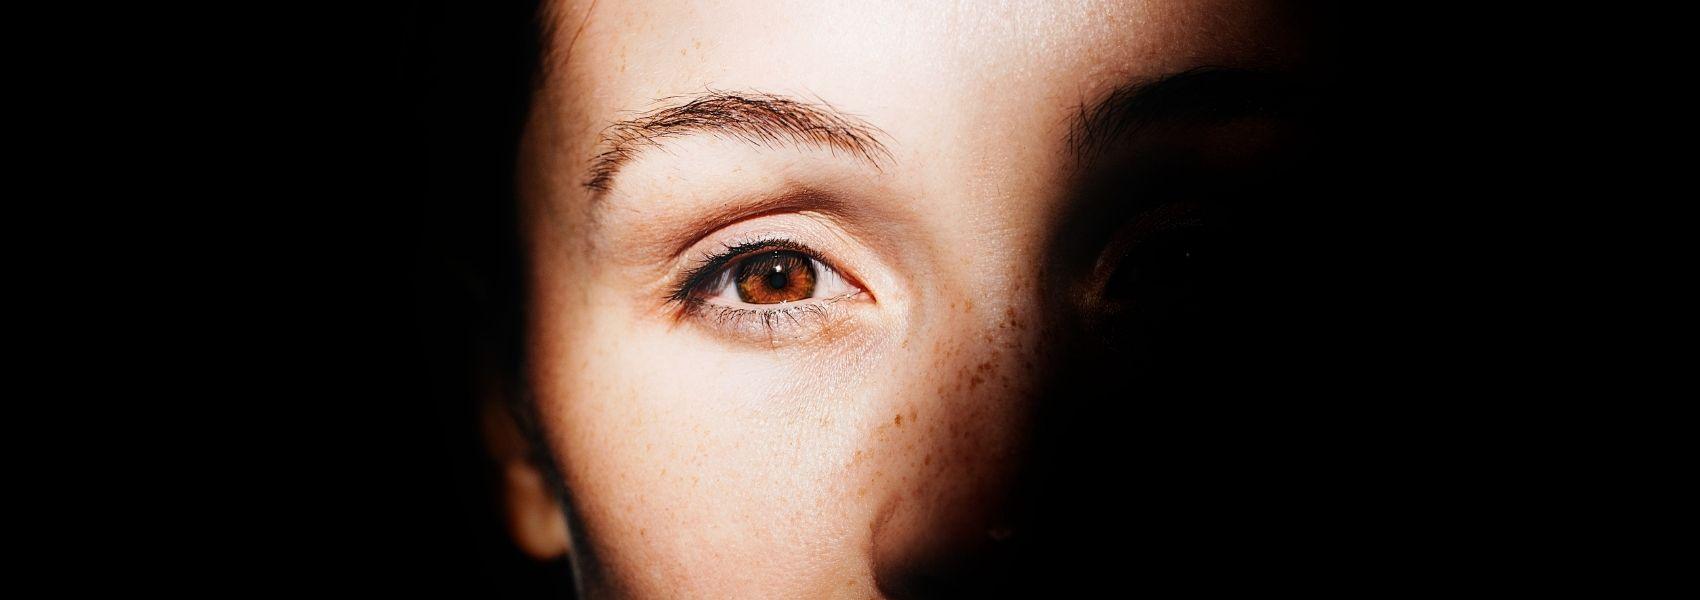 Equipa internacional identifica 127 genes do glaucoma no maior estudo do género